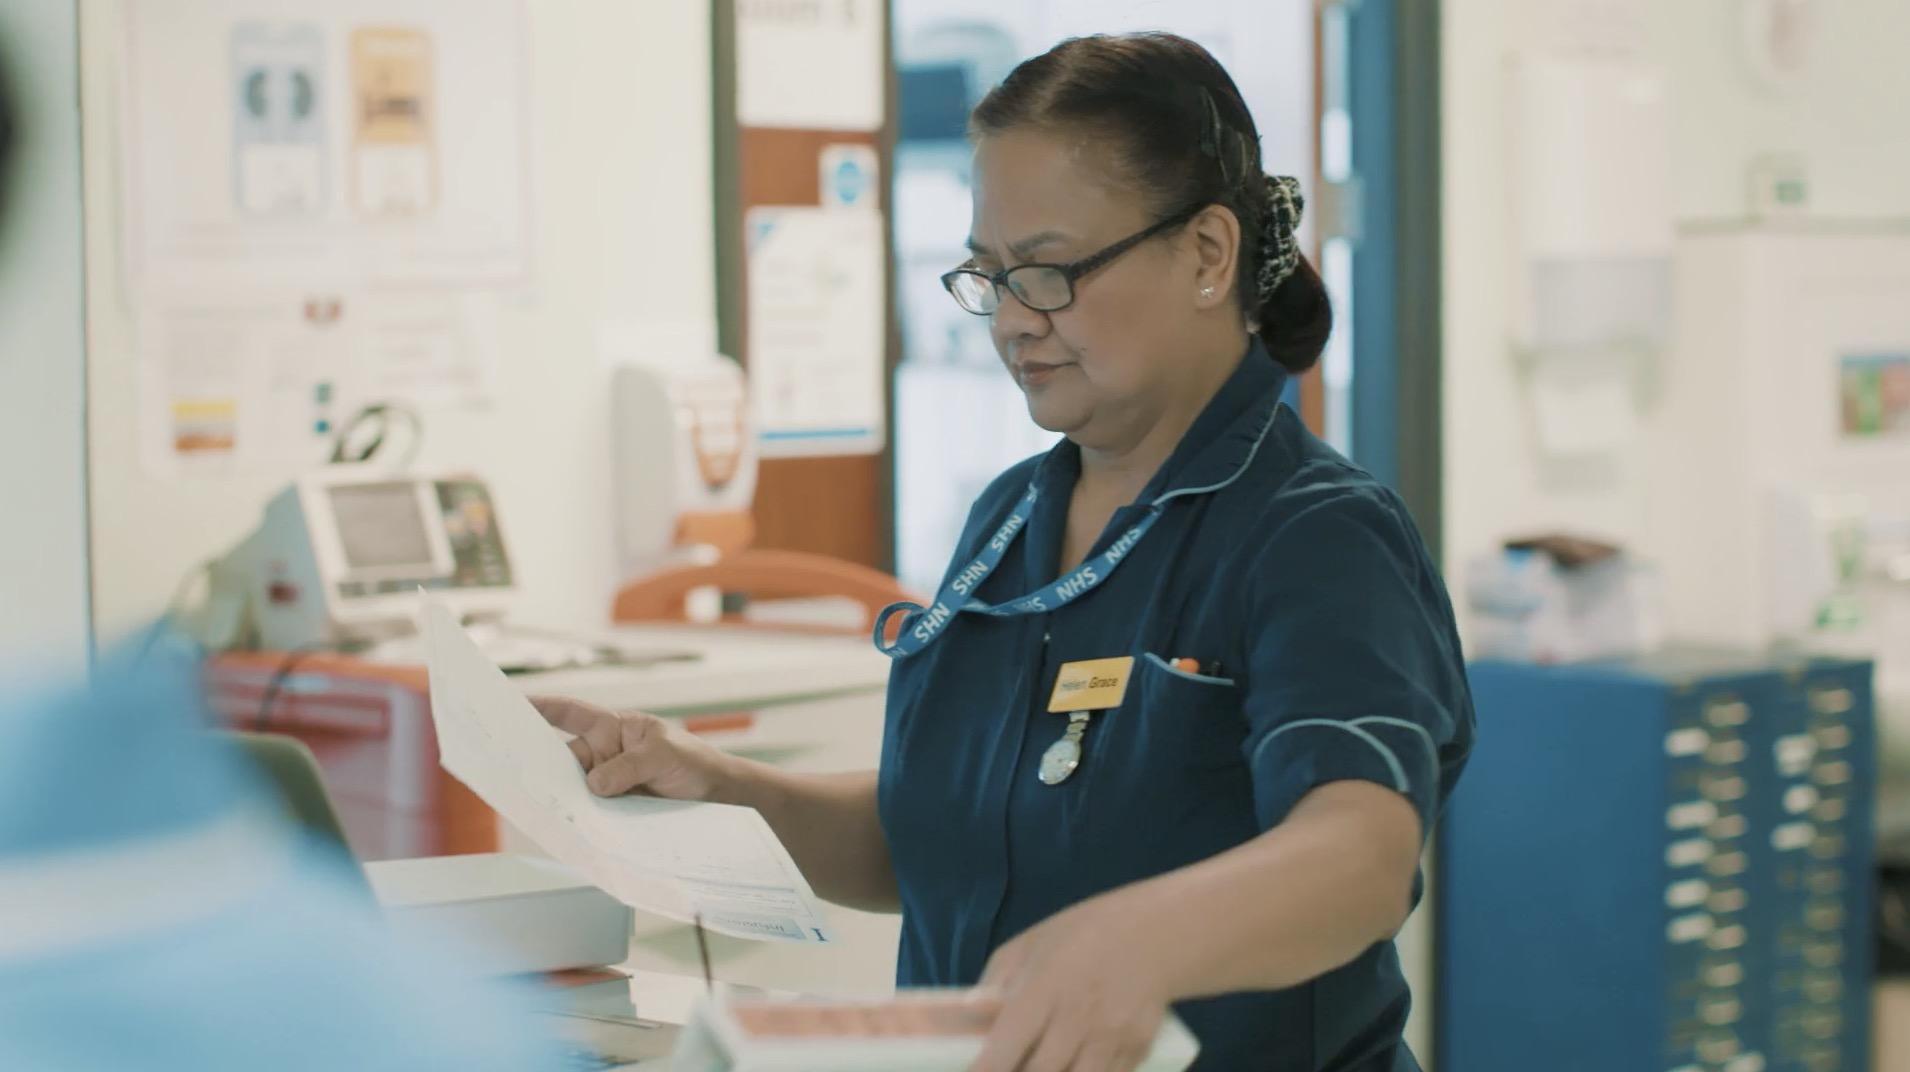 NHS Video screen grab of nurse